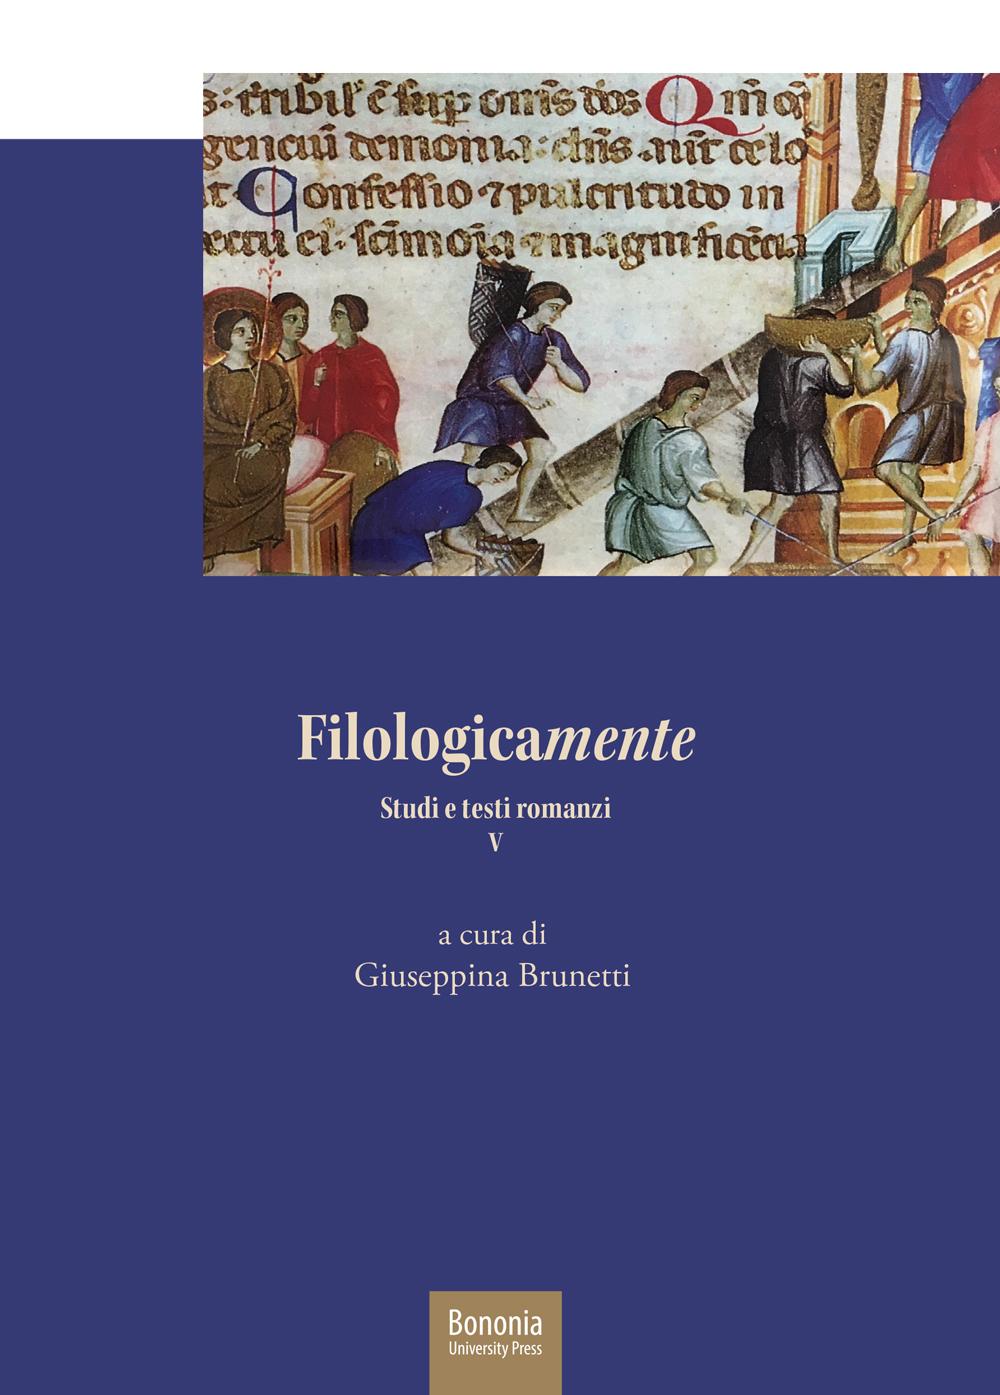 Filologicamente. Studi e testi romanzi V - Bononia University Press